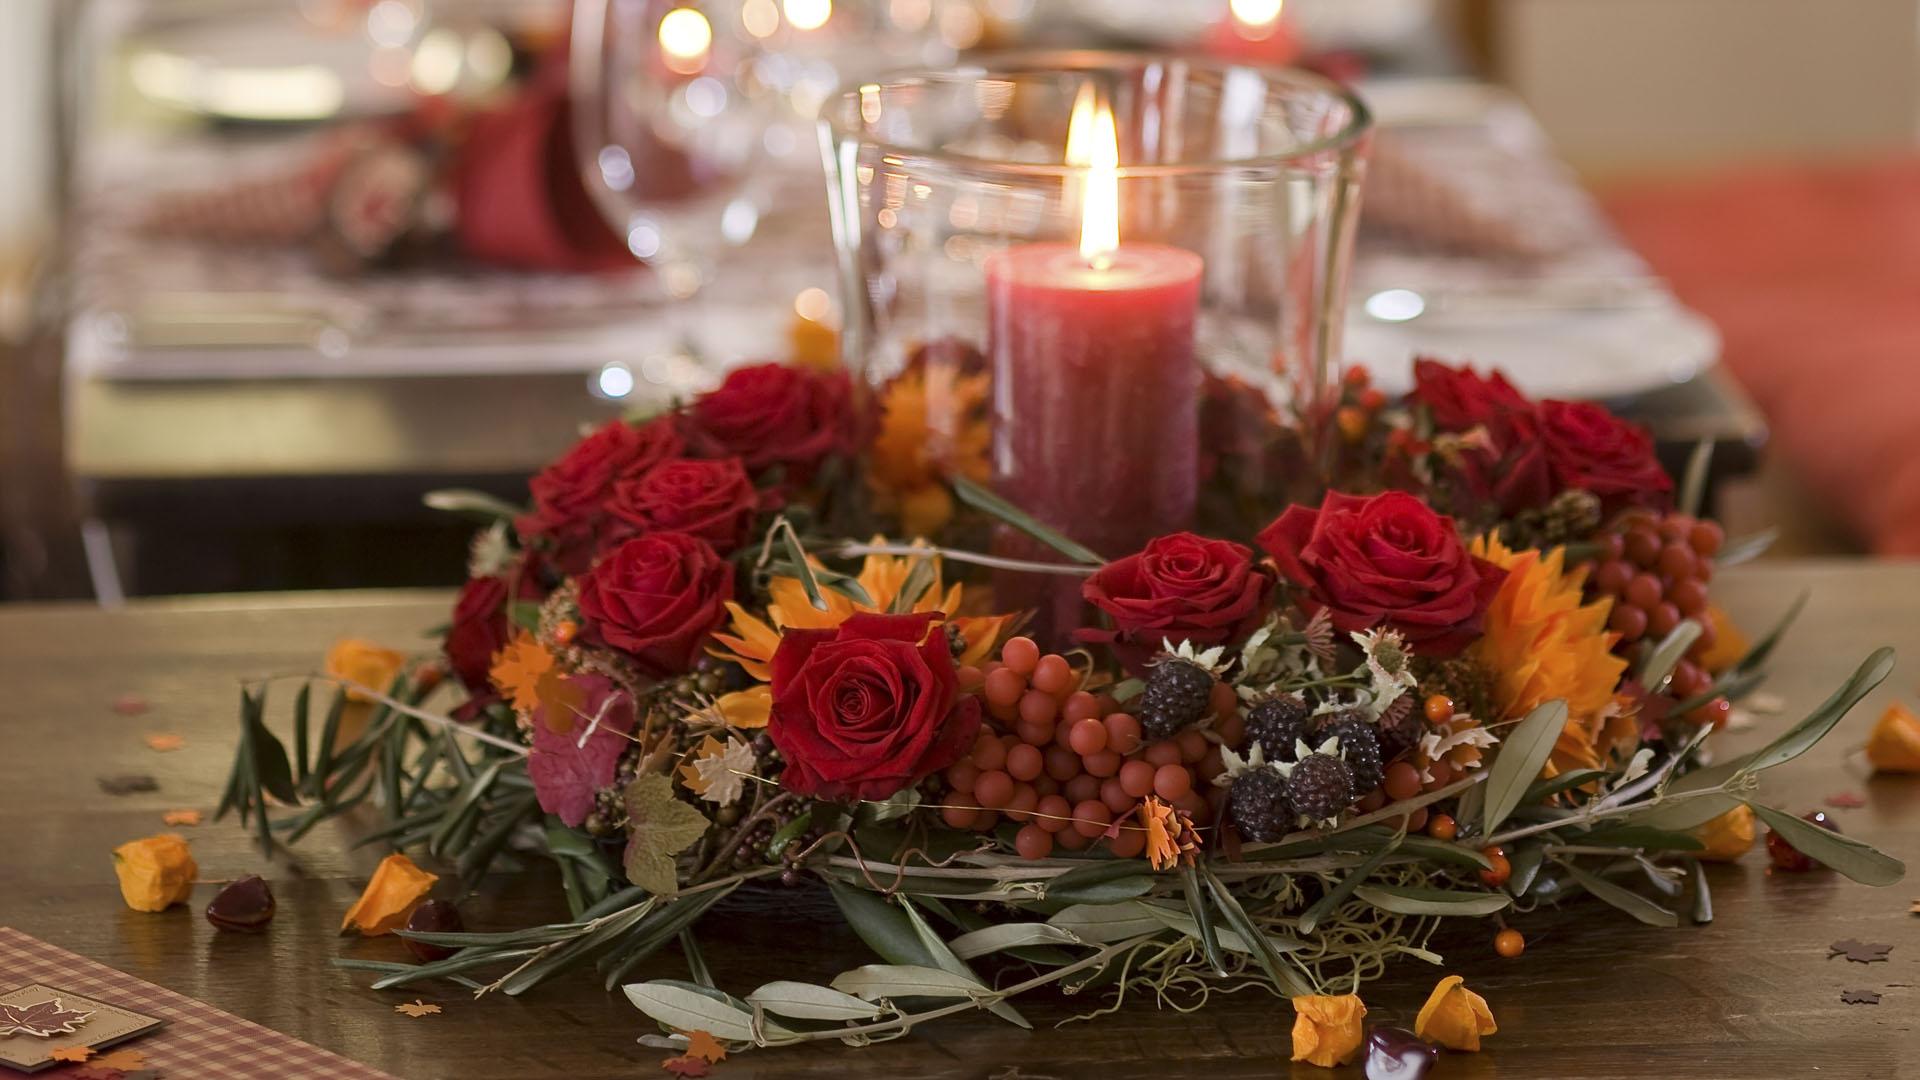 Ideen für Geburtstage: Herbstzeitloses | Floristik